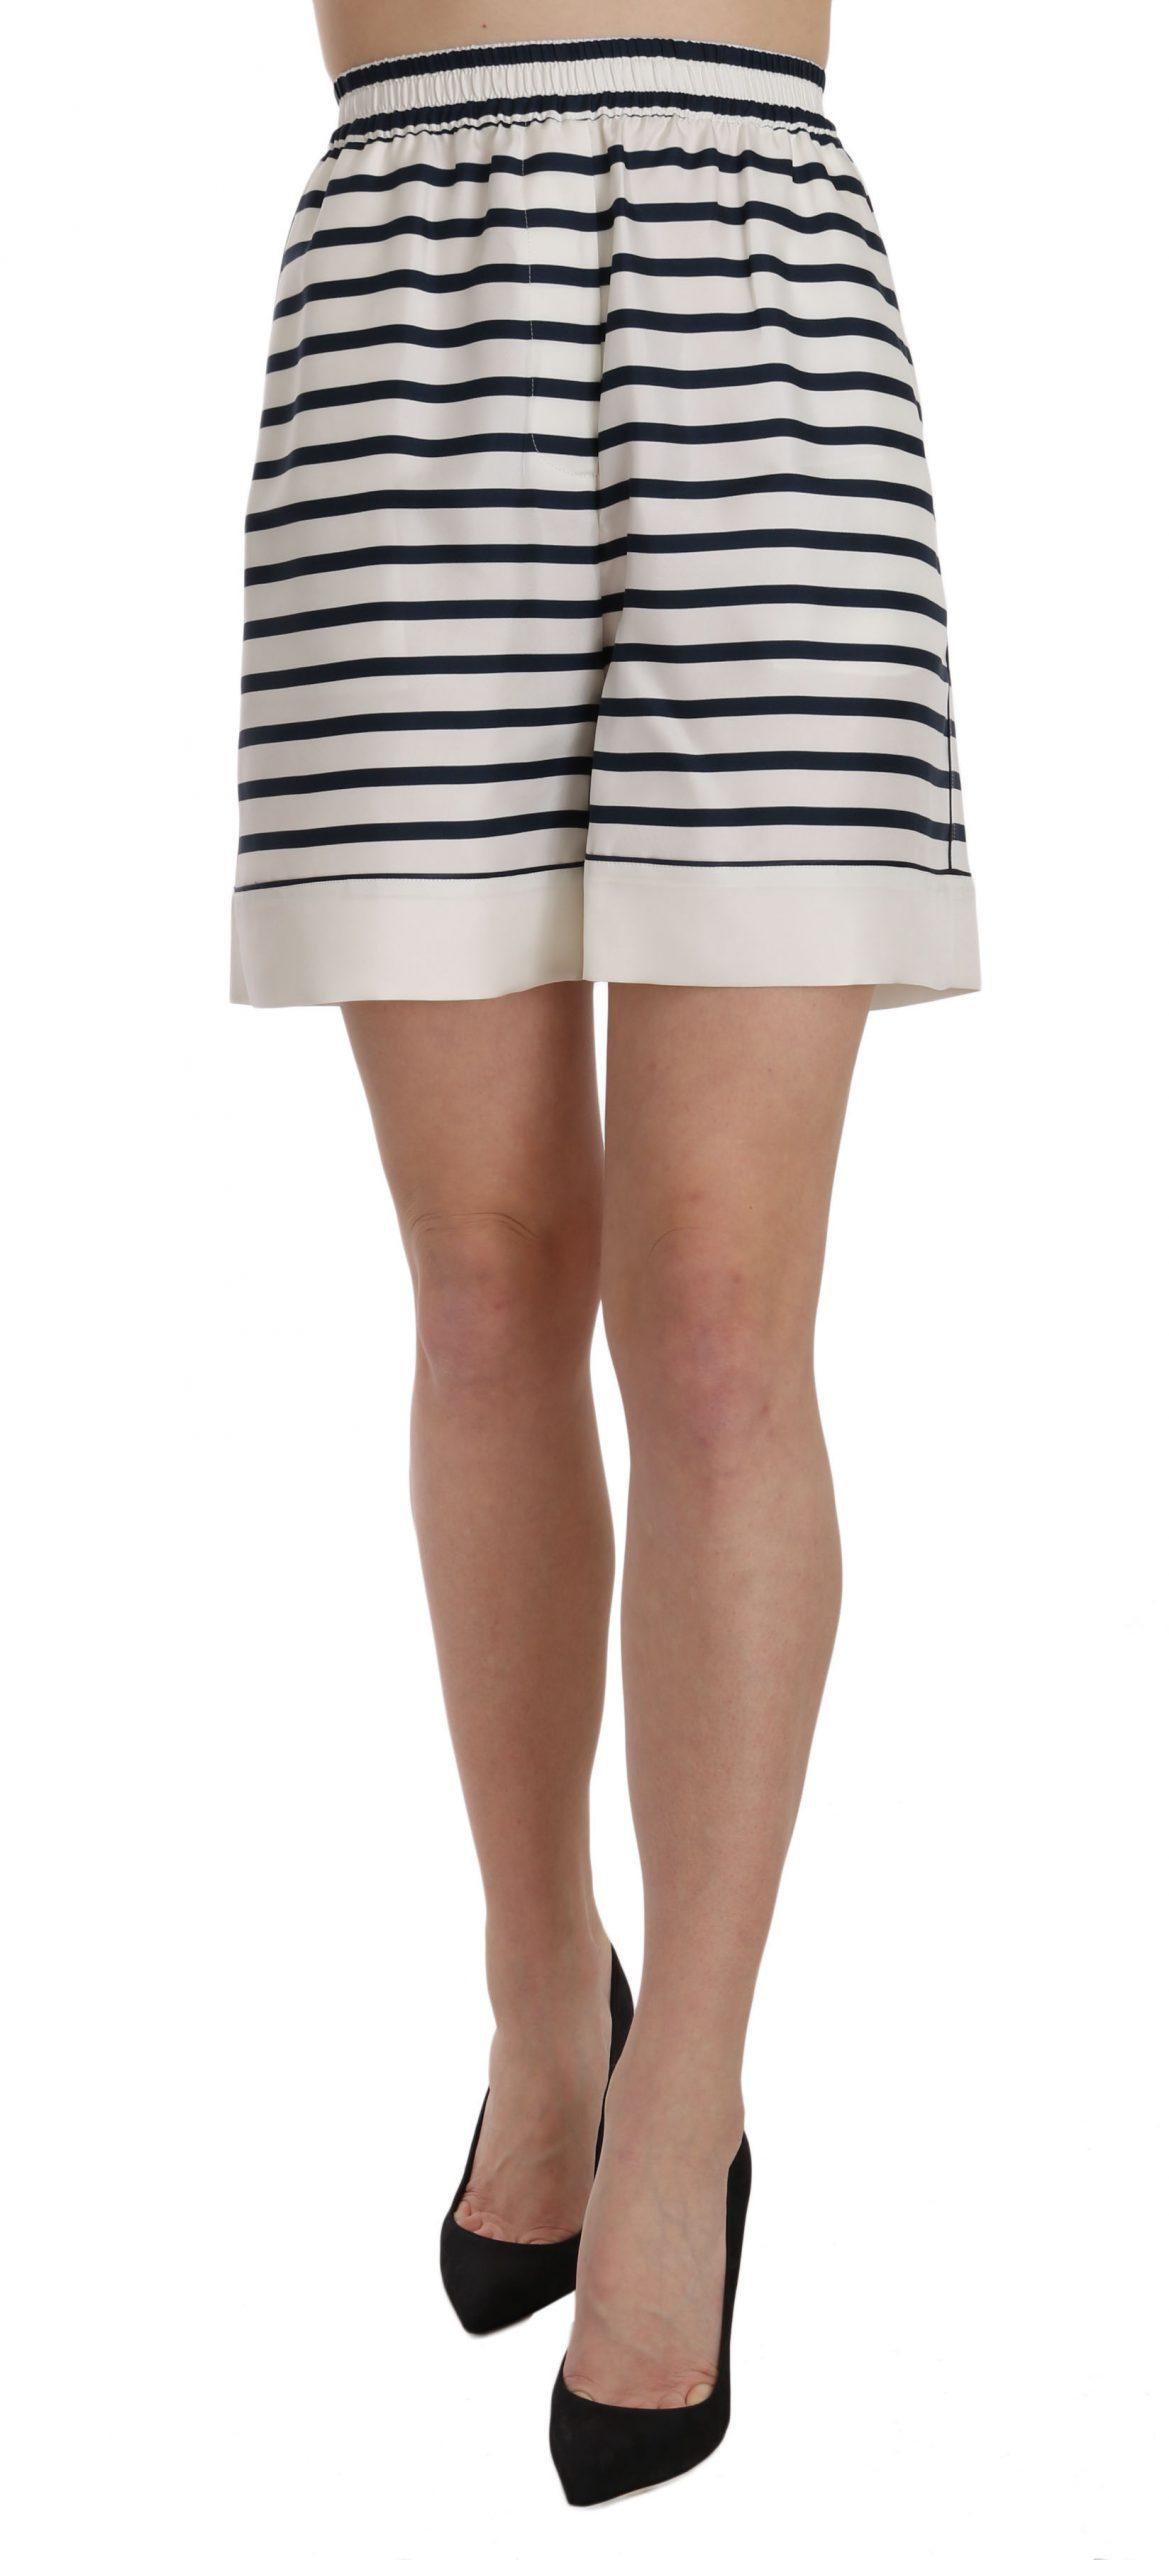 Dolce & Gabbana Women's Skirt Black/W hite SKI1205 - IT42 M